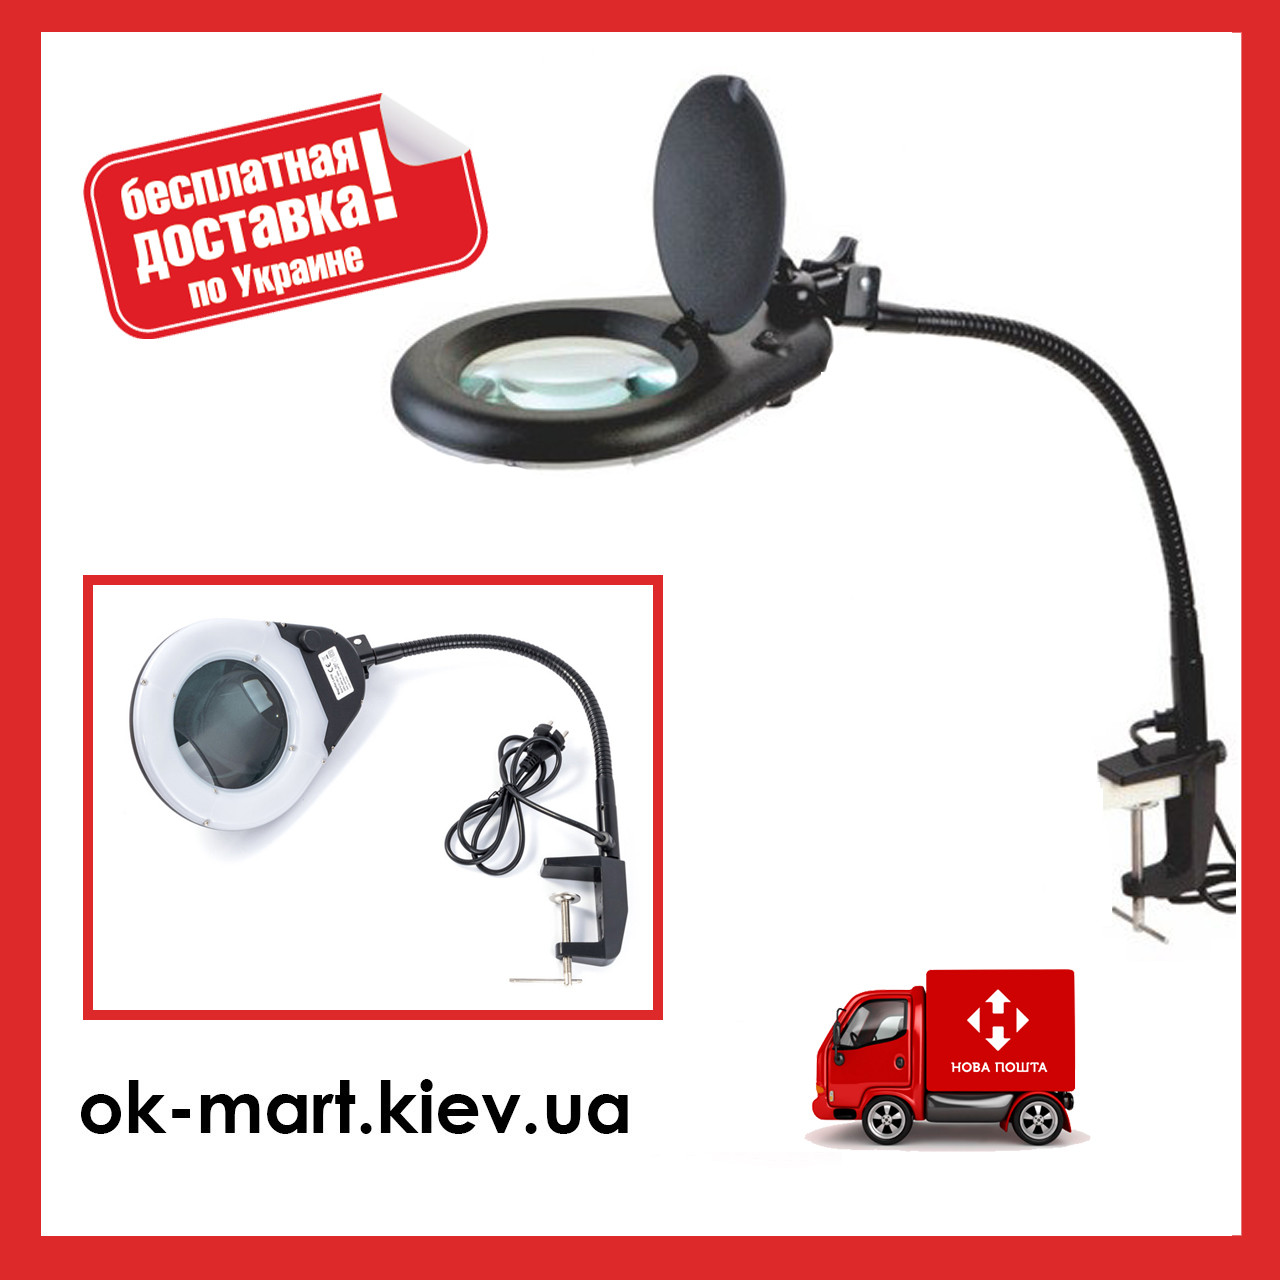 Лампа-лупа с LED подсветкой ZD-129B, 5-и кратное увеличение, линза -130мм , фото 1